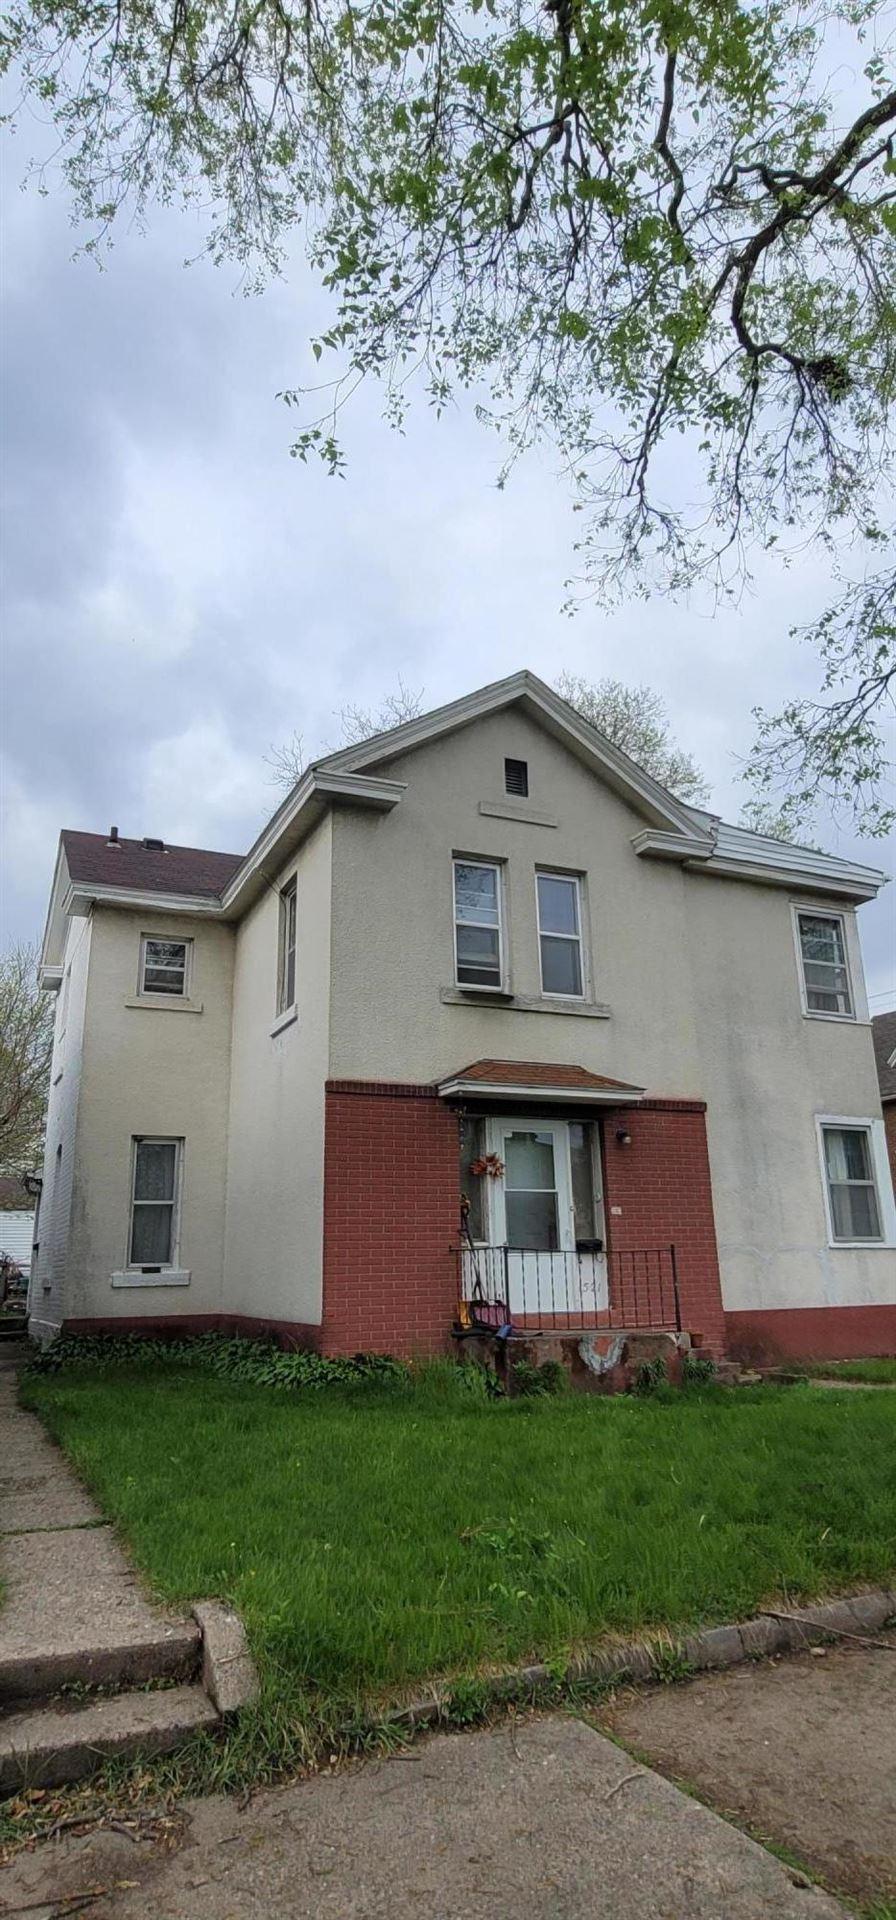 1519-1521 Johnson St, La Crosse, WI 54601 - MLS#: 1738408